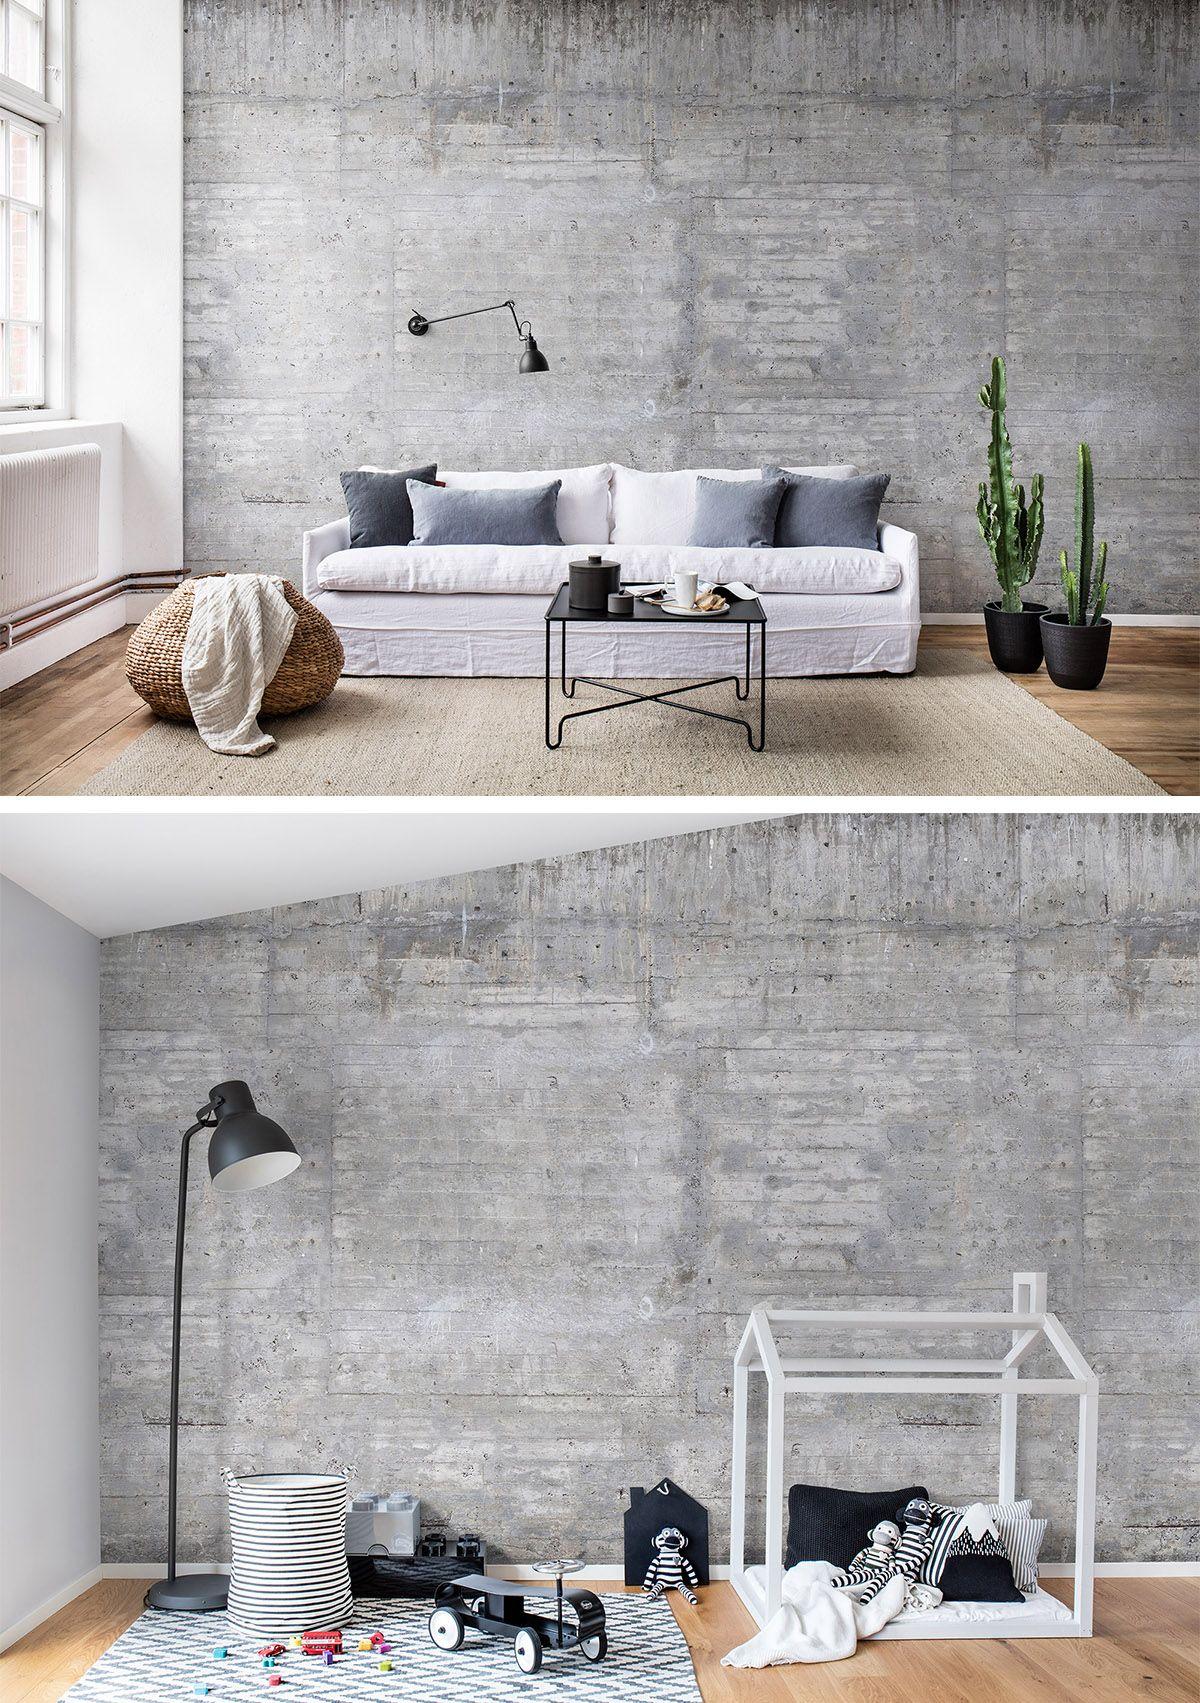 Full Size of Wooden Concrete In 2020 Wandgestaltung Tapete Indirekte Beleuchtung Wohnzimmer Schrankwand Deckenlampe Fototapeten Hängeschrank Vitrine Weiß Led Wohnzimmer Wohnzimmer Tapeten